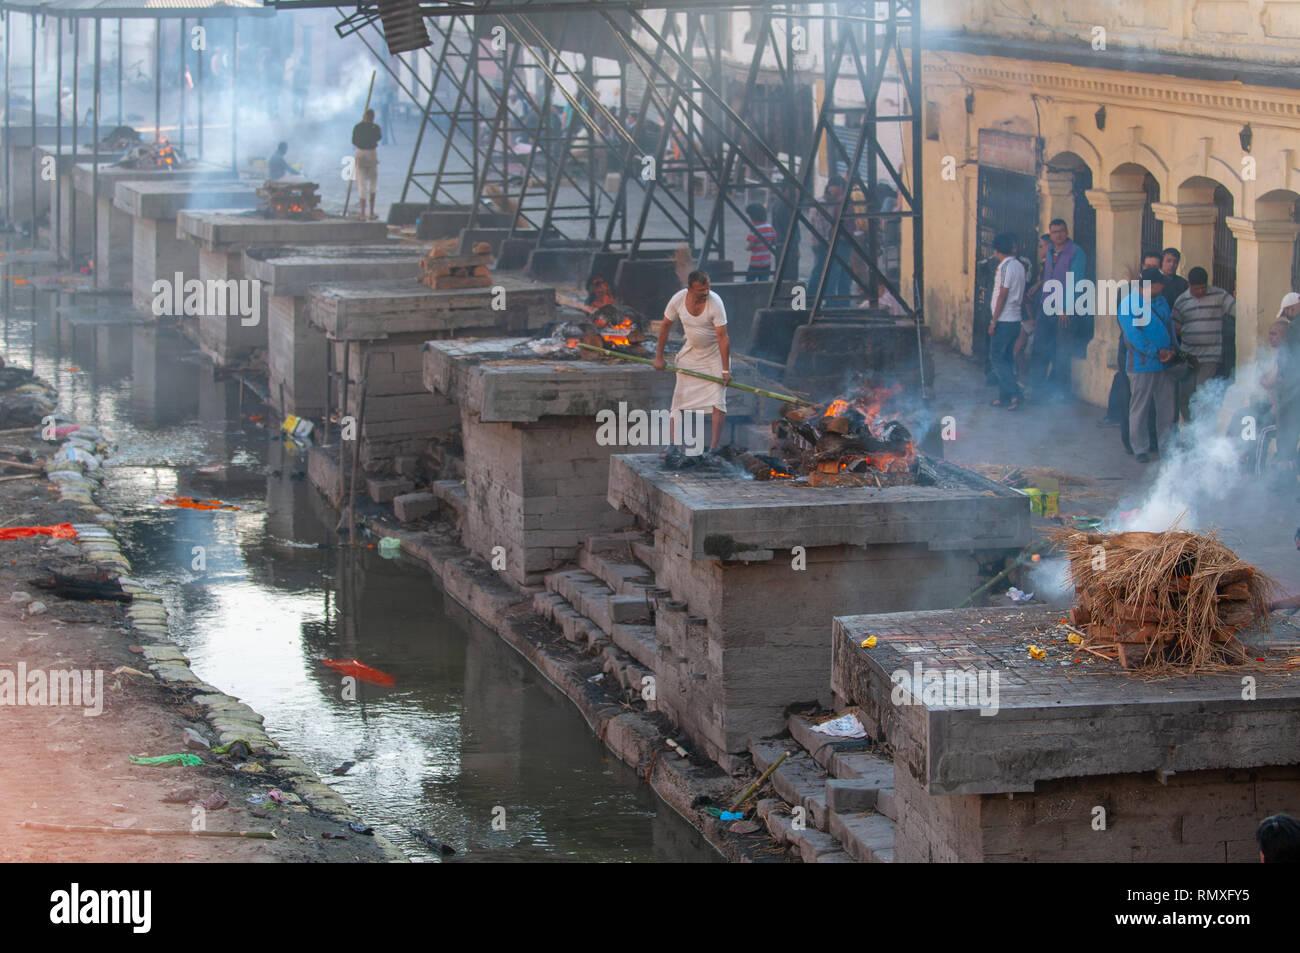 PASHUPATINATH, KATHMANDU, NEPAL-CIRCA 2013 : Hindu cremation process in progress at a temple in Pashupatinath, Nepal. - Stock Image